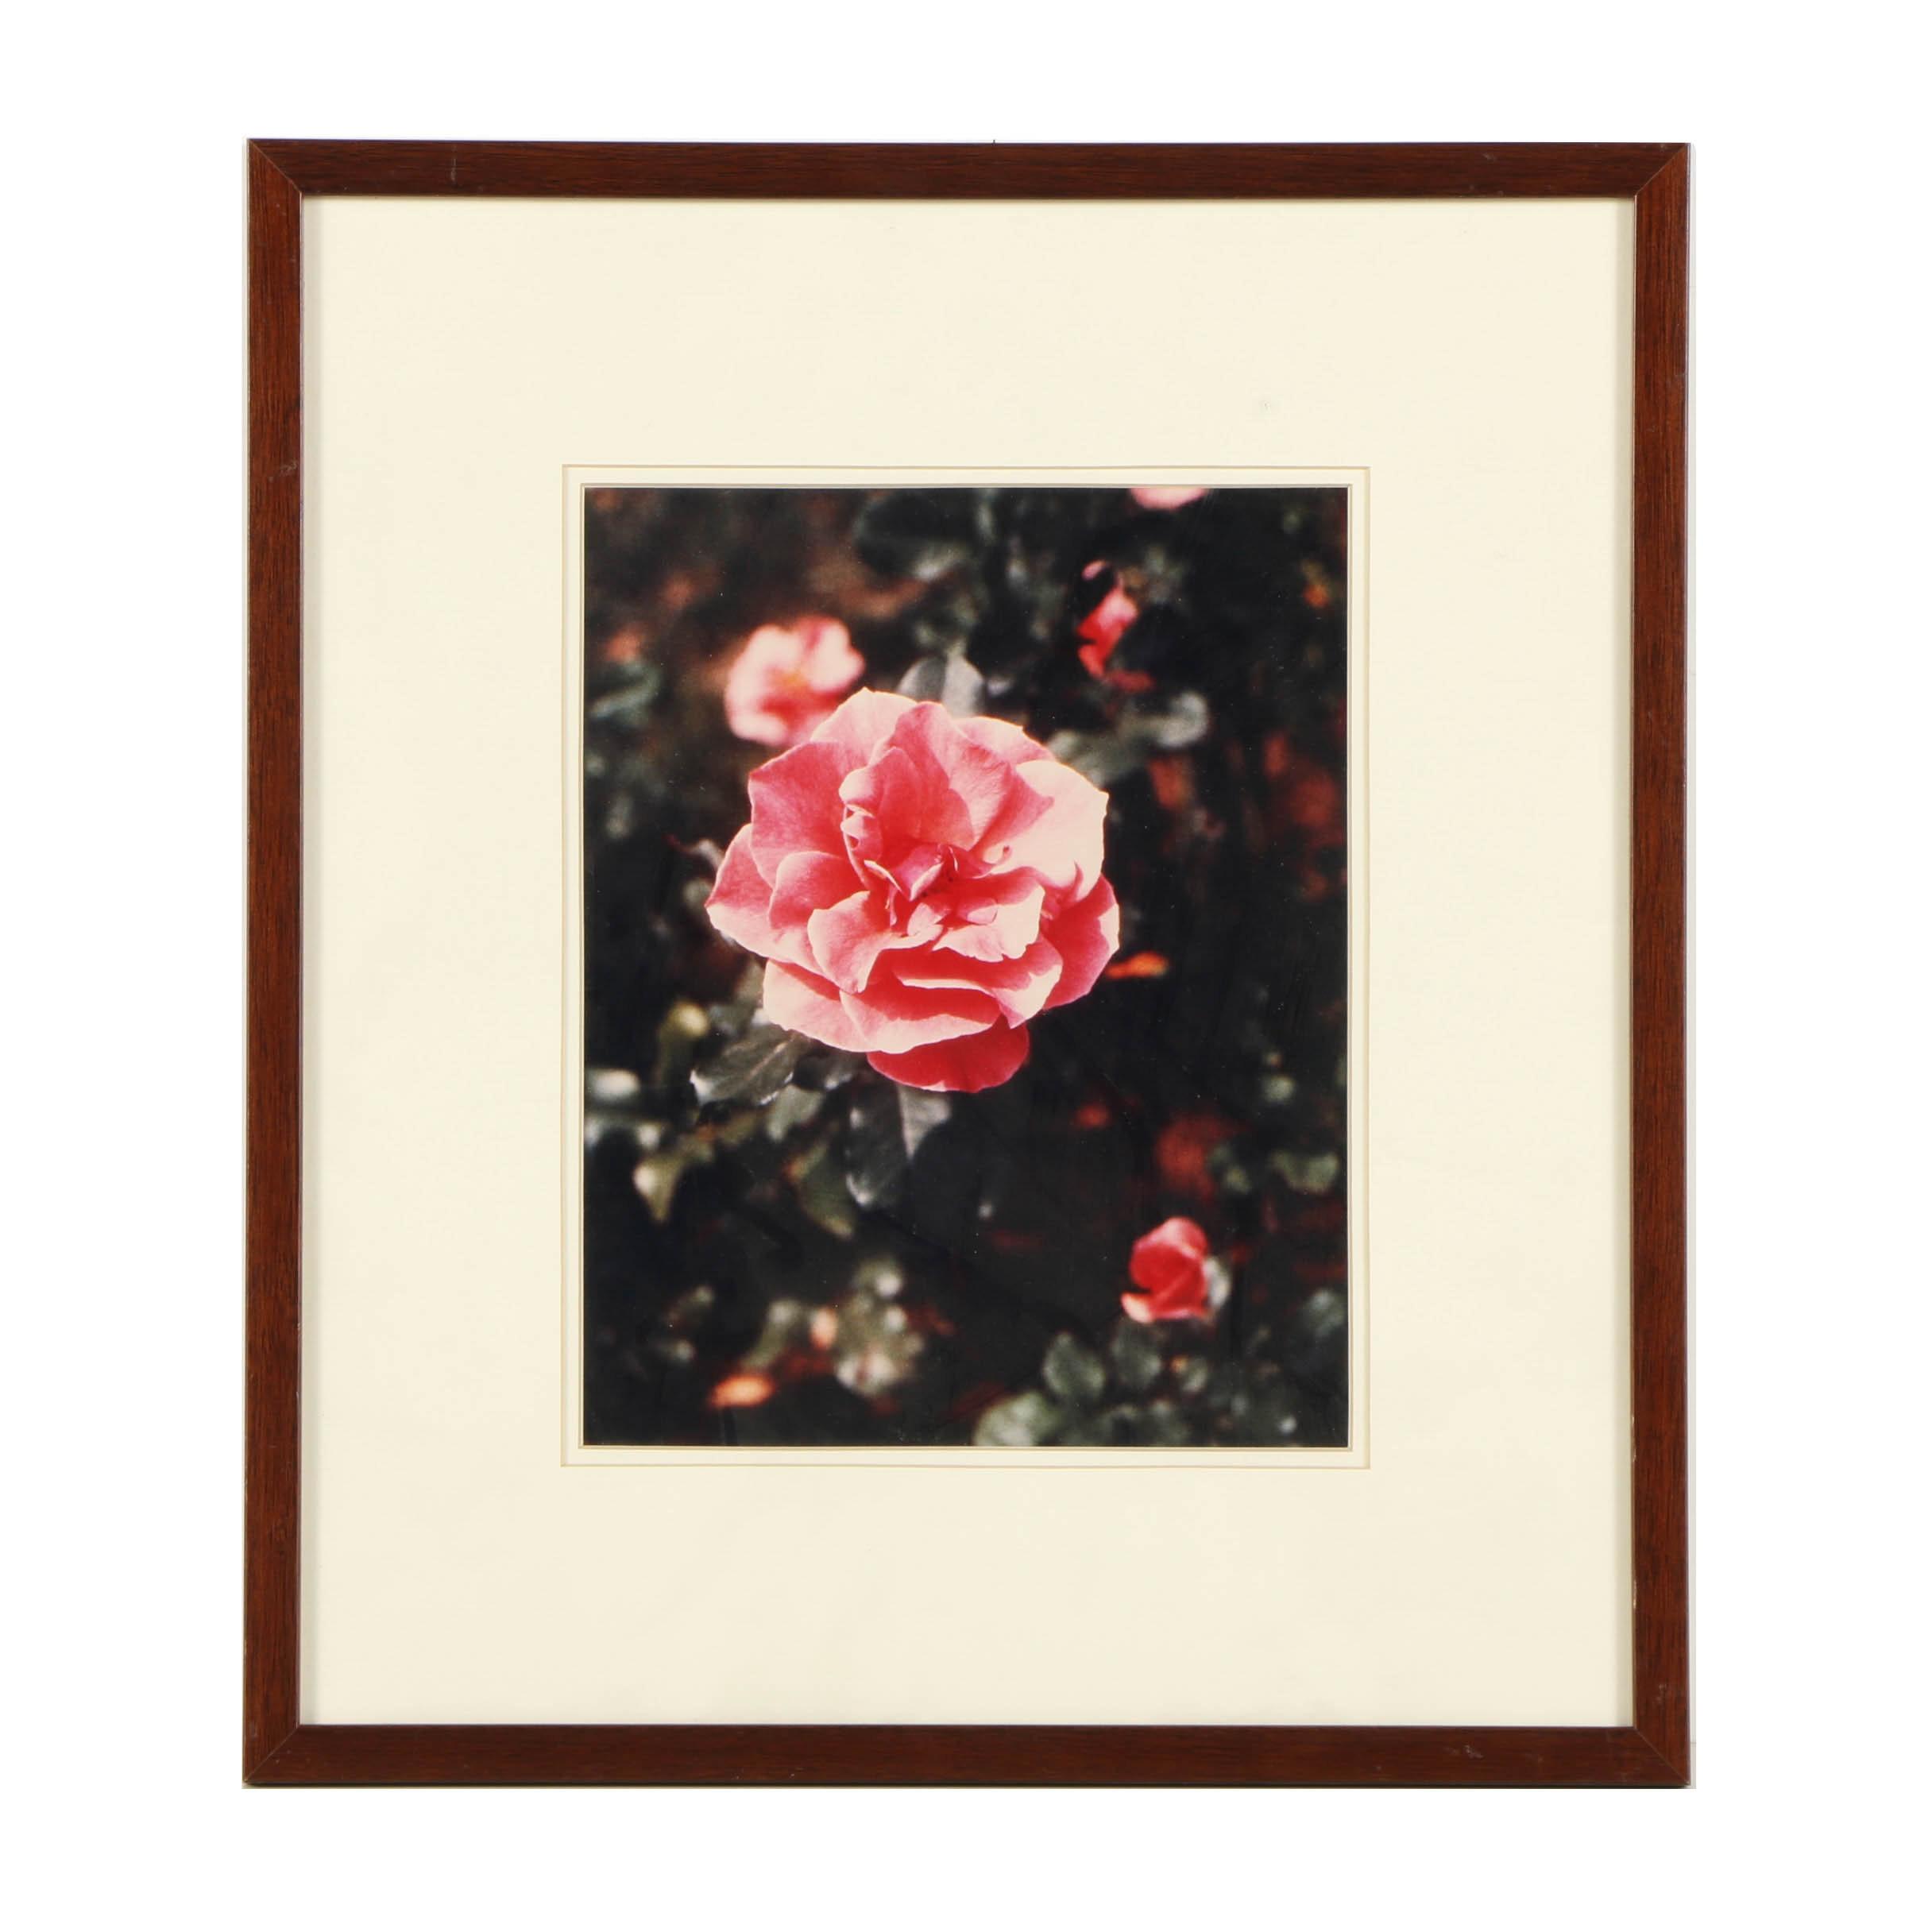 Louis Papp Color Photograph of a Rose